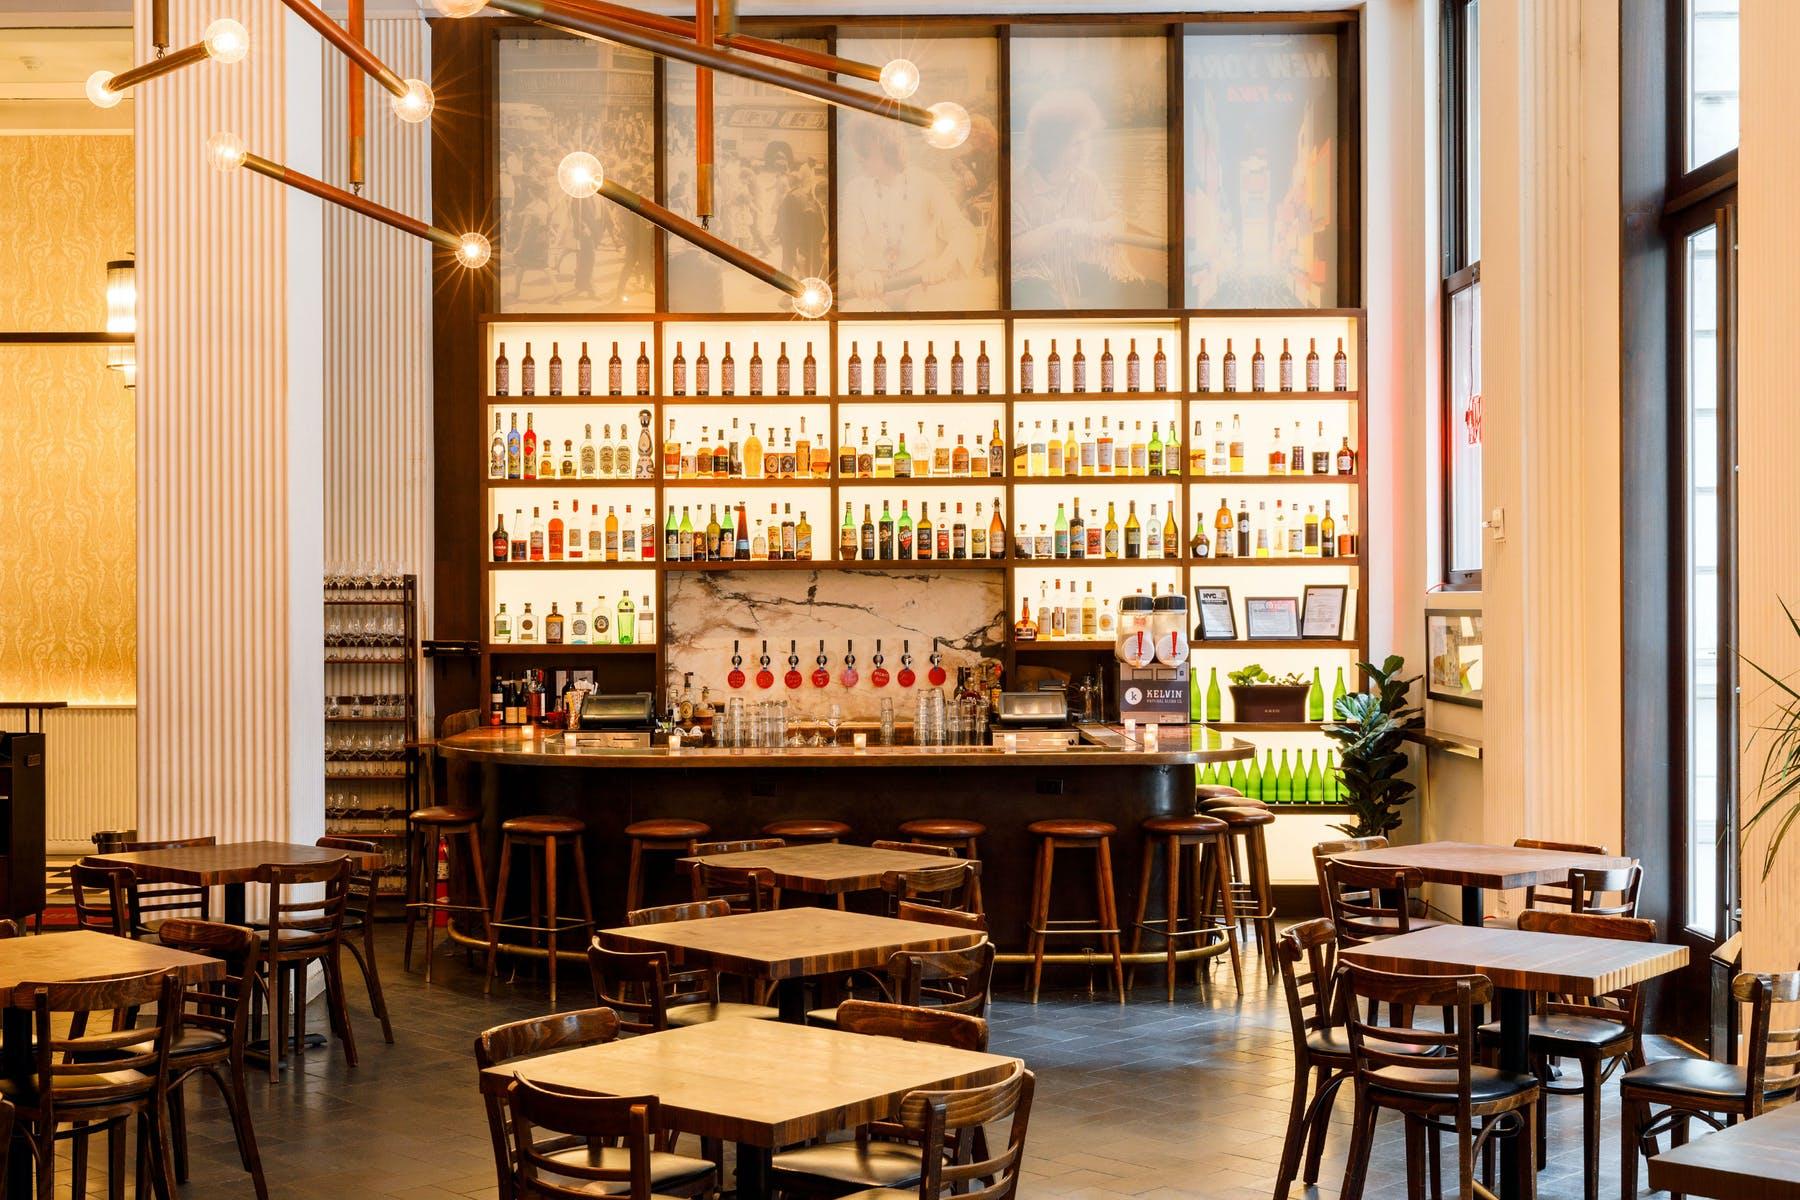 The dining room at Marta